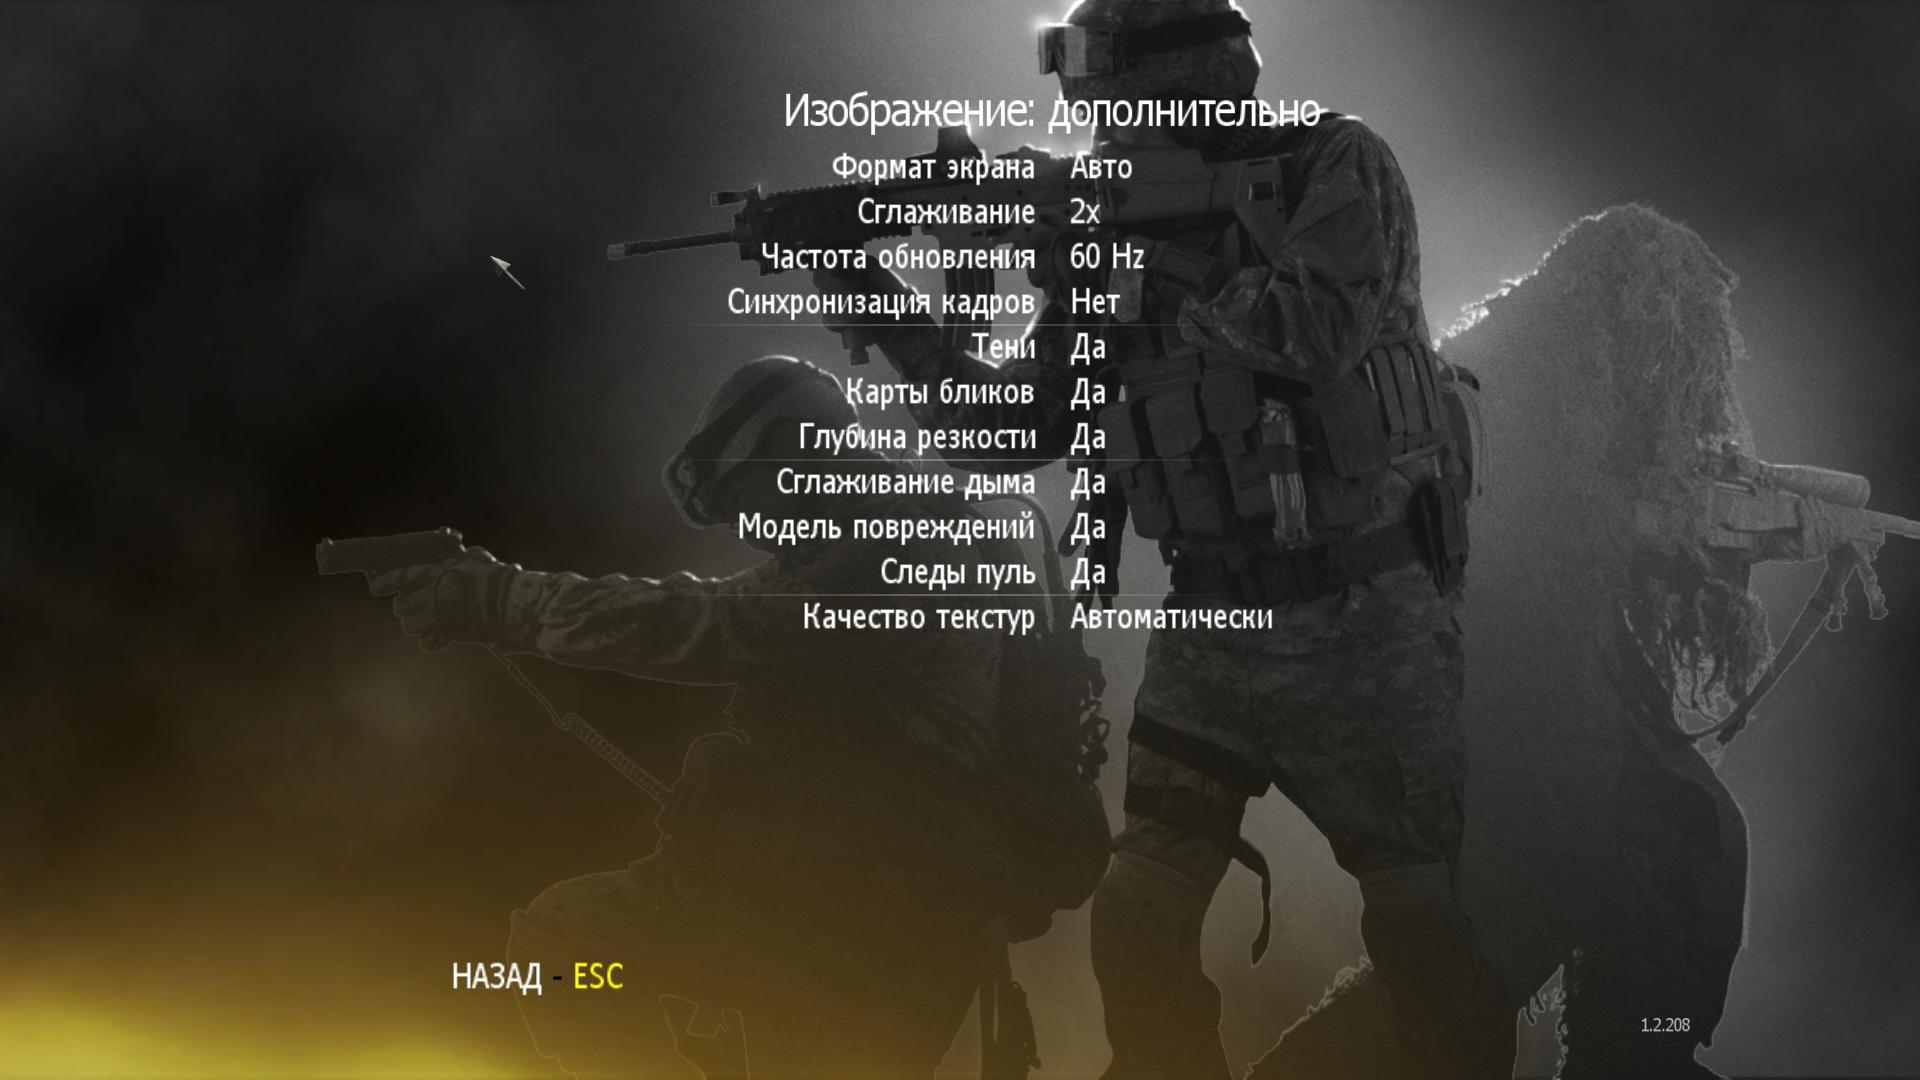 6 - Call of Duty: Modern Warfare 2